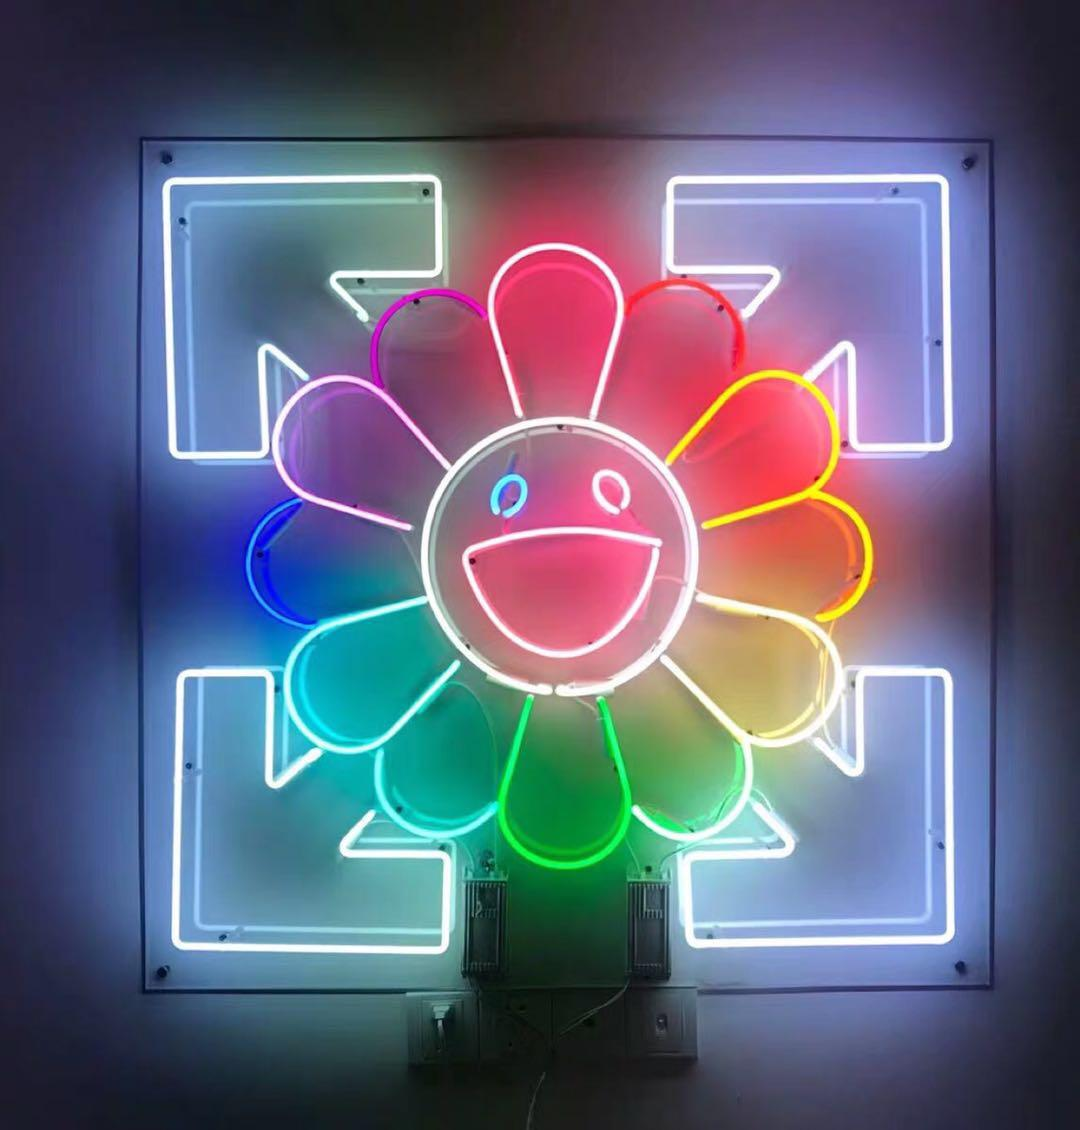 Neon Sign20 * 20 inç Güneş Çiçek Tüp Neon Işık Burcu Bira Bira Bar Pub Rekreasyon Odası Oyun Işıkları Windows Cam Duvar İşaretleri